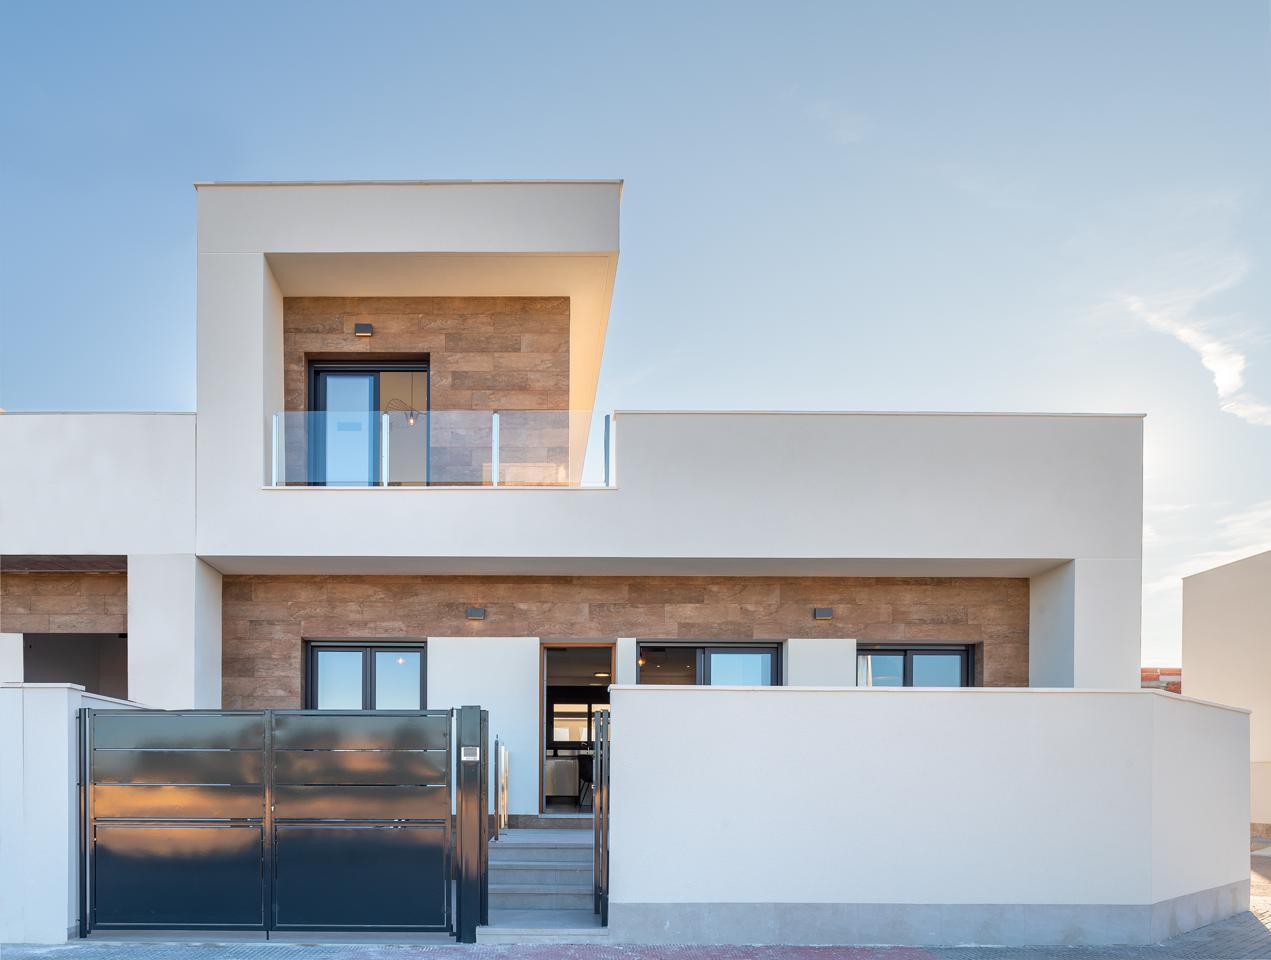 Casa en Formentera del Segura. Lujoso residencial de villas adosadas en el sur de la costa blan